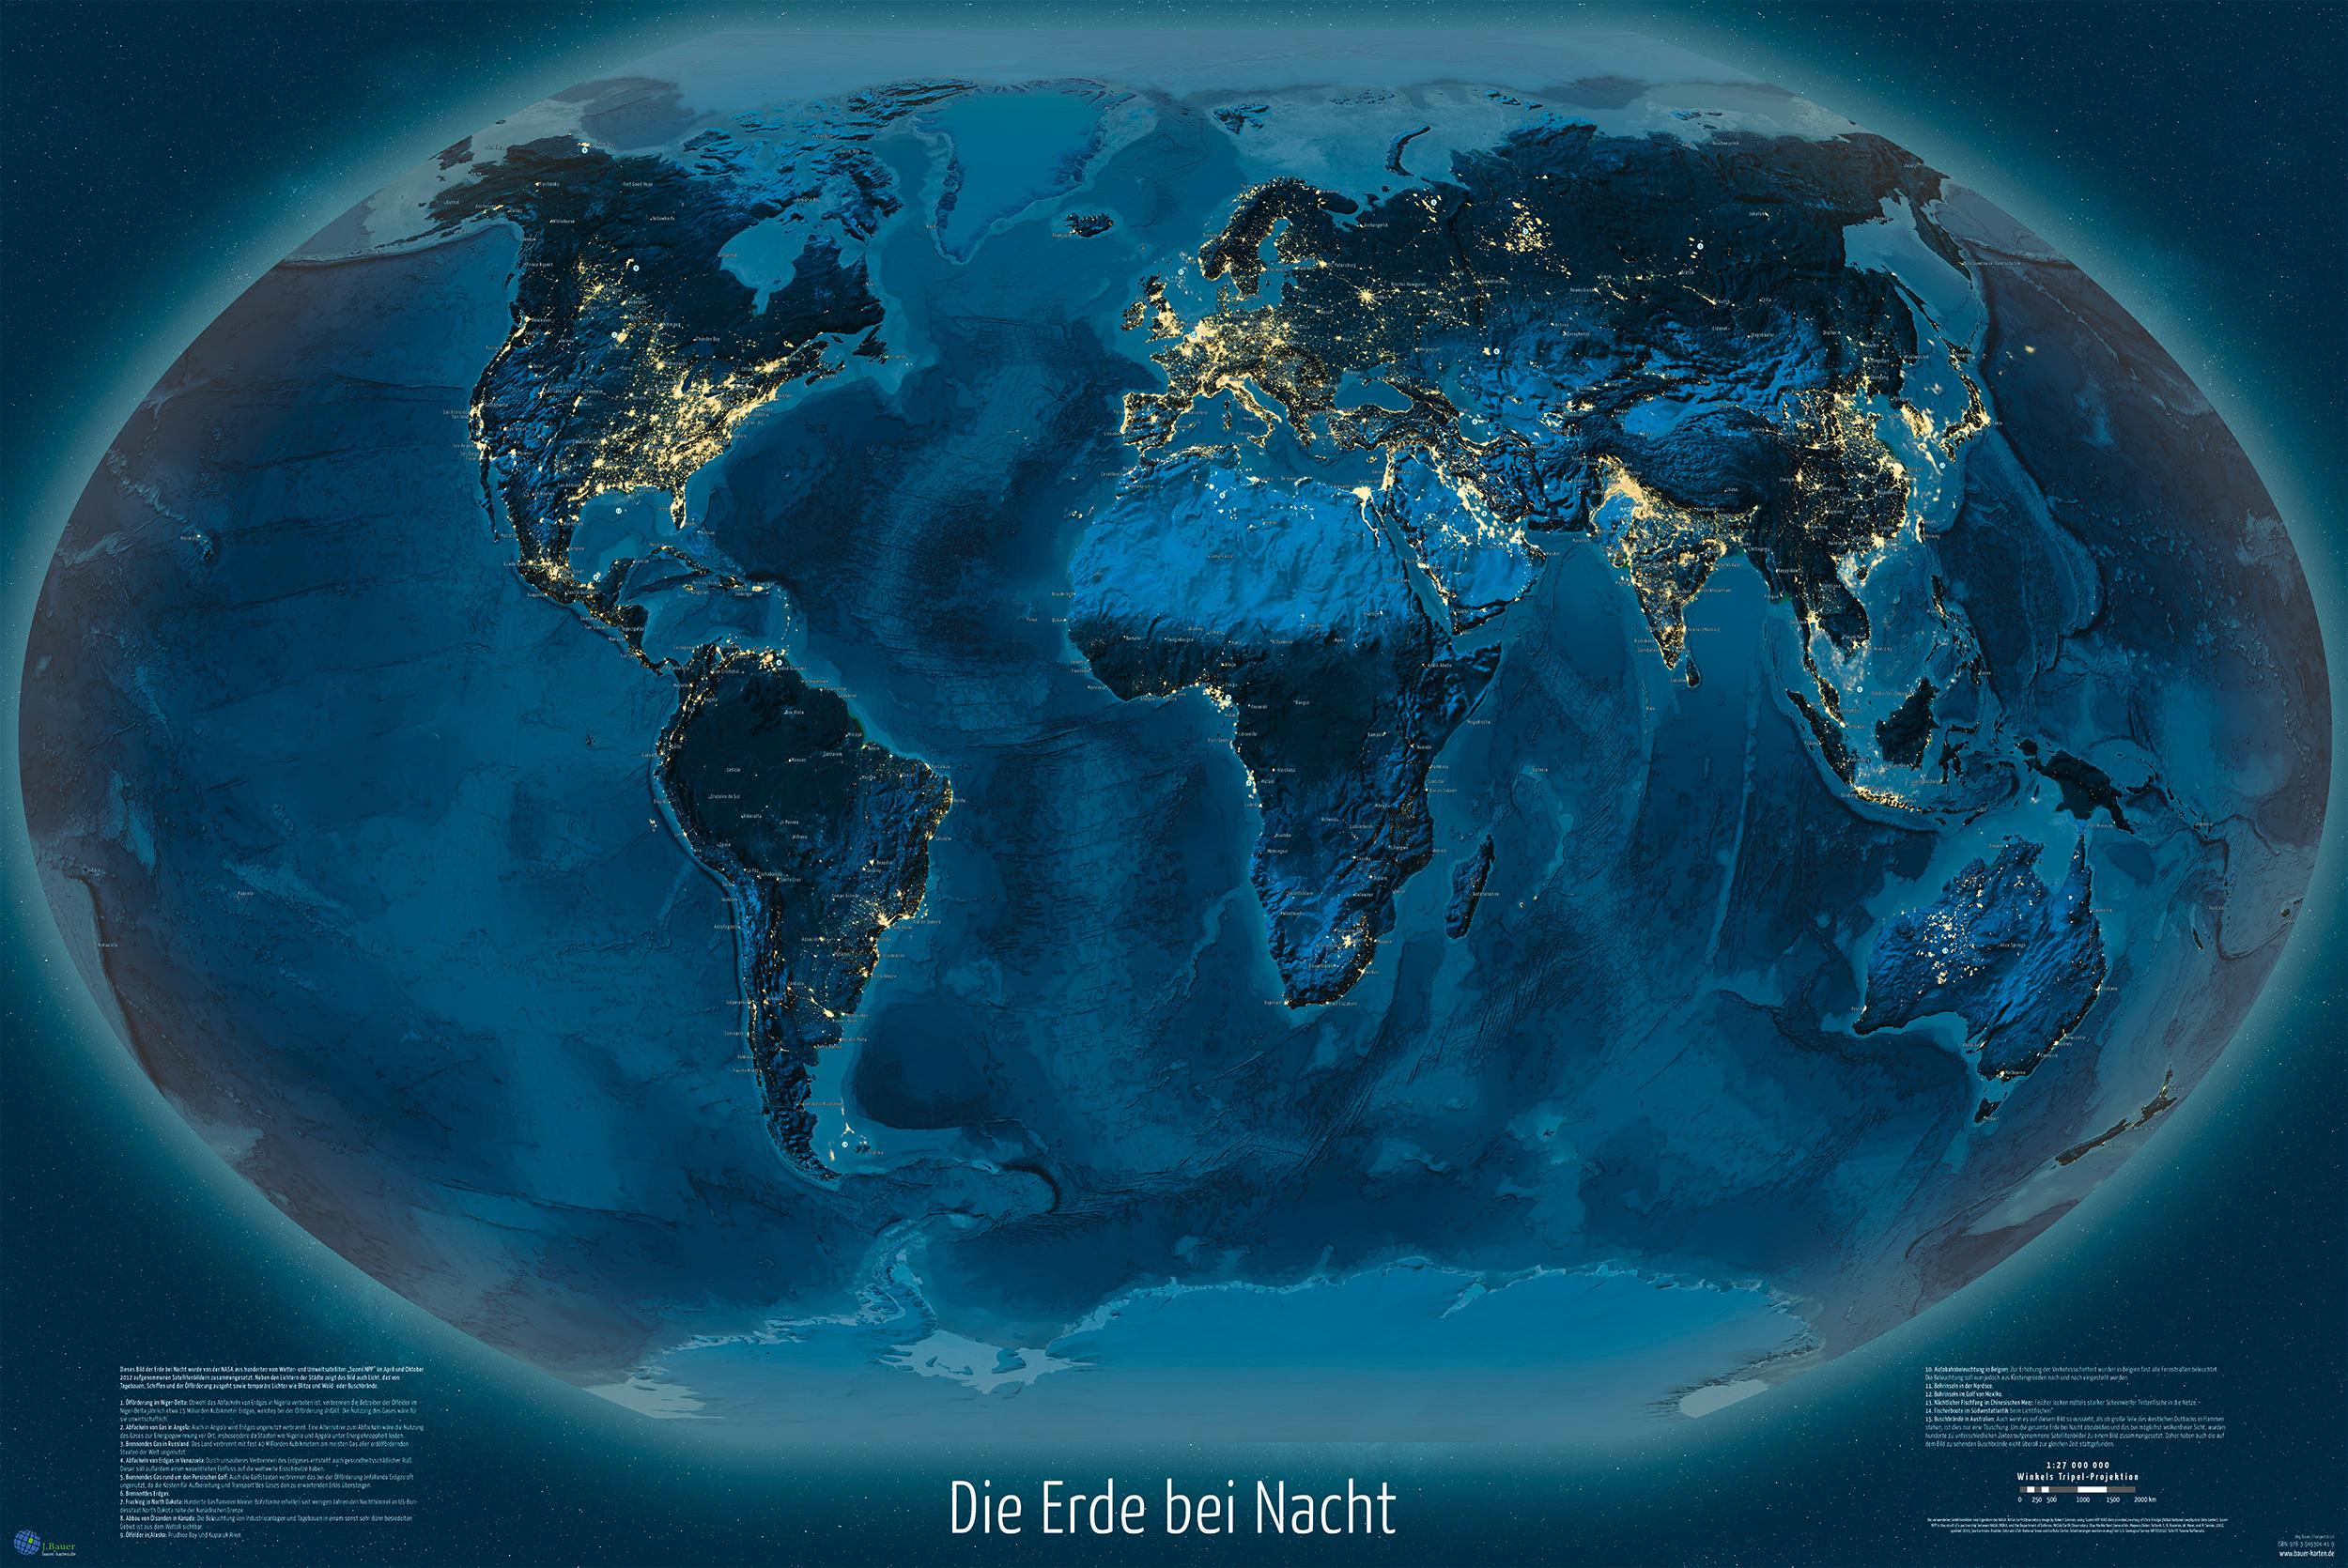 Karte Erde.Weltkarte Die Erde Bei Nacht 150x100 Cm Deutsch